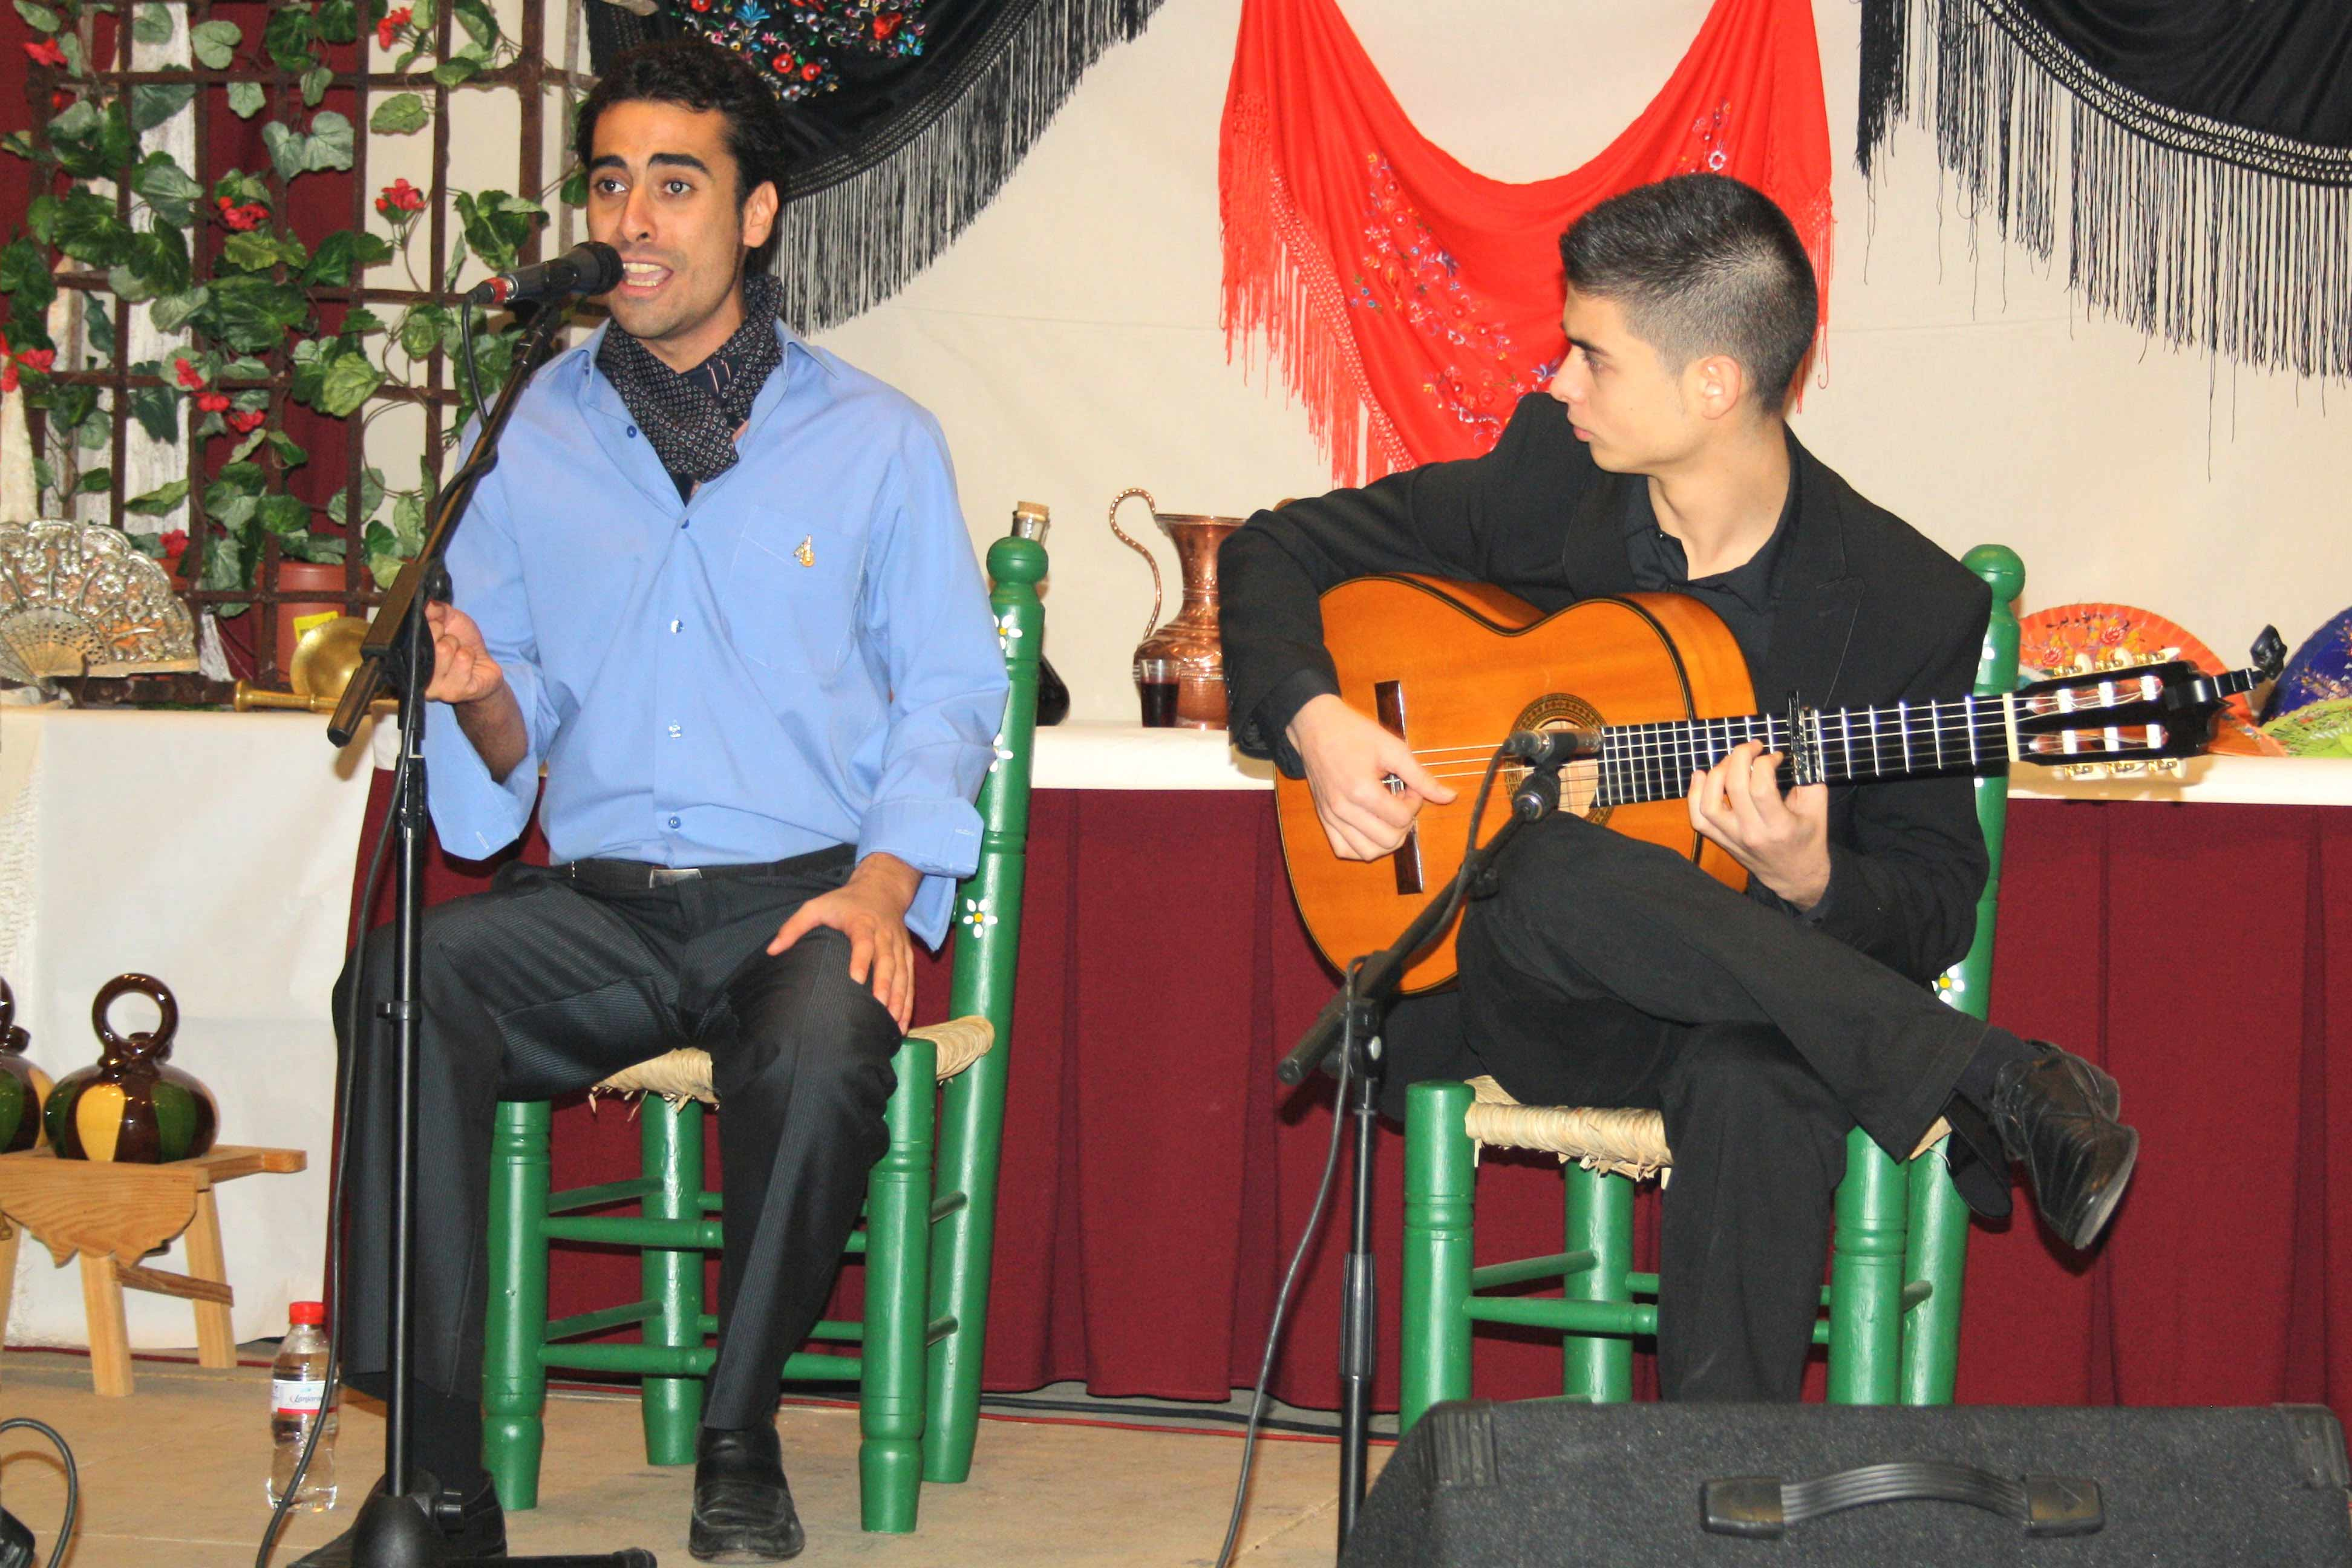 calos-cruz-gana-el-quinto-concurso-de-flamenco-de-montejicar